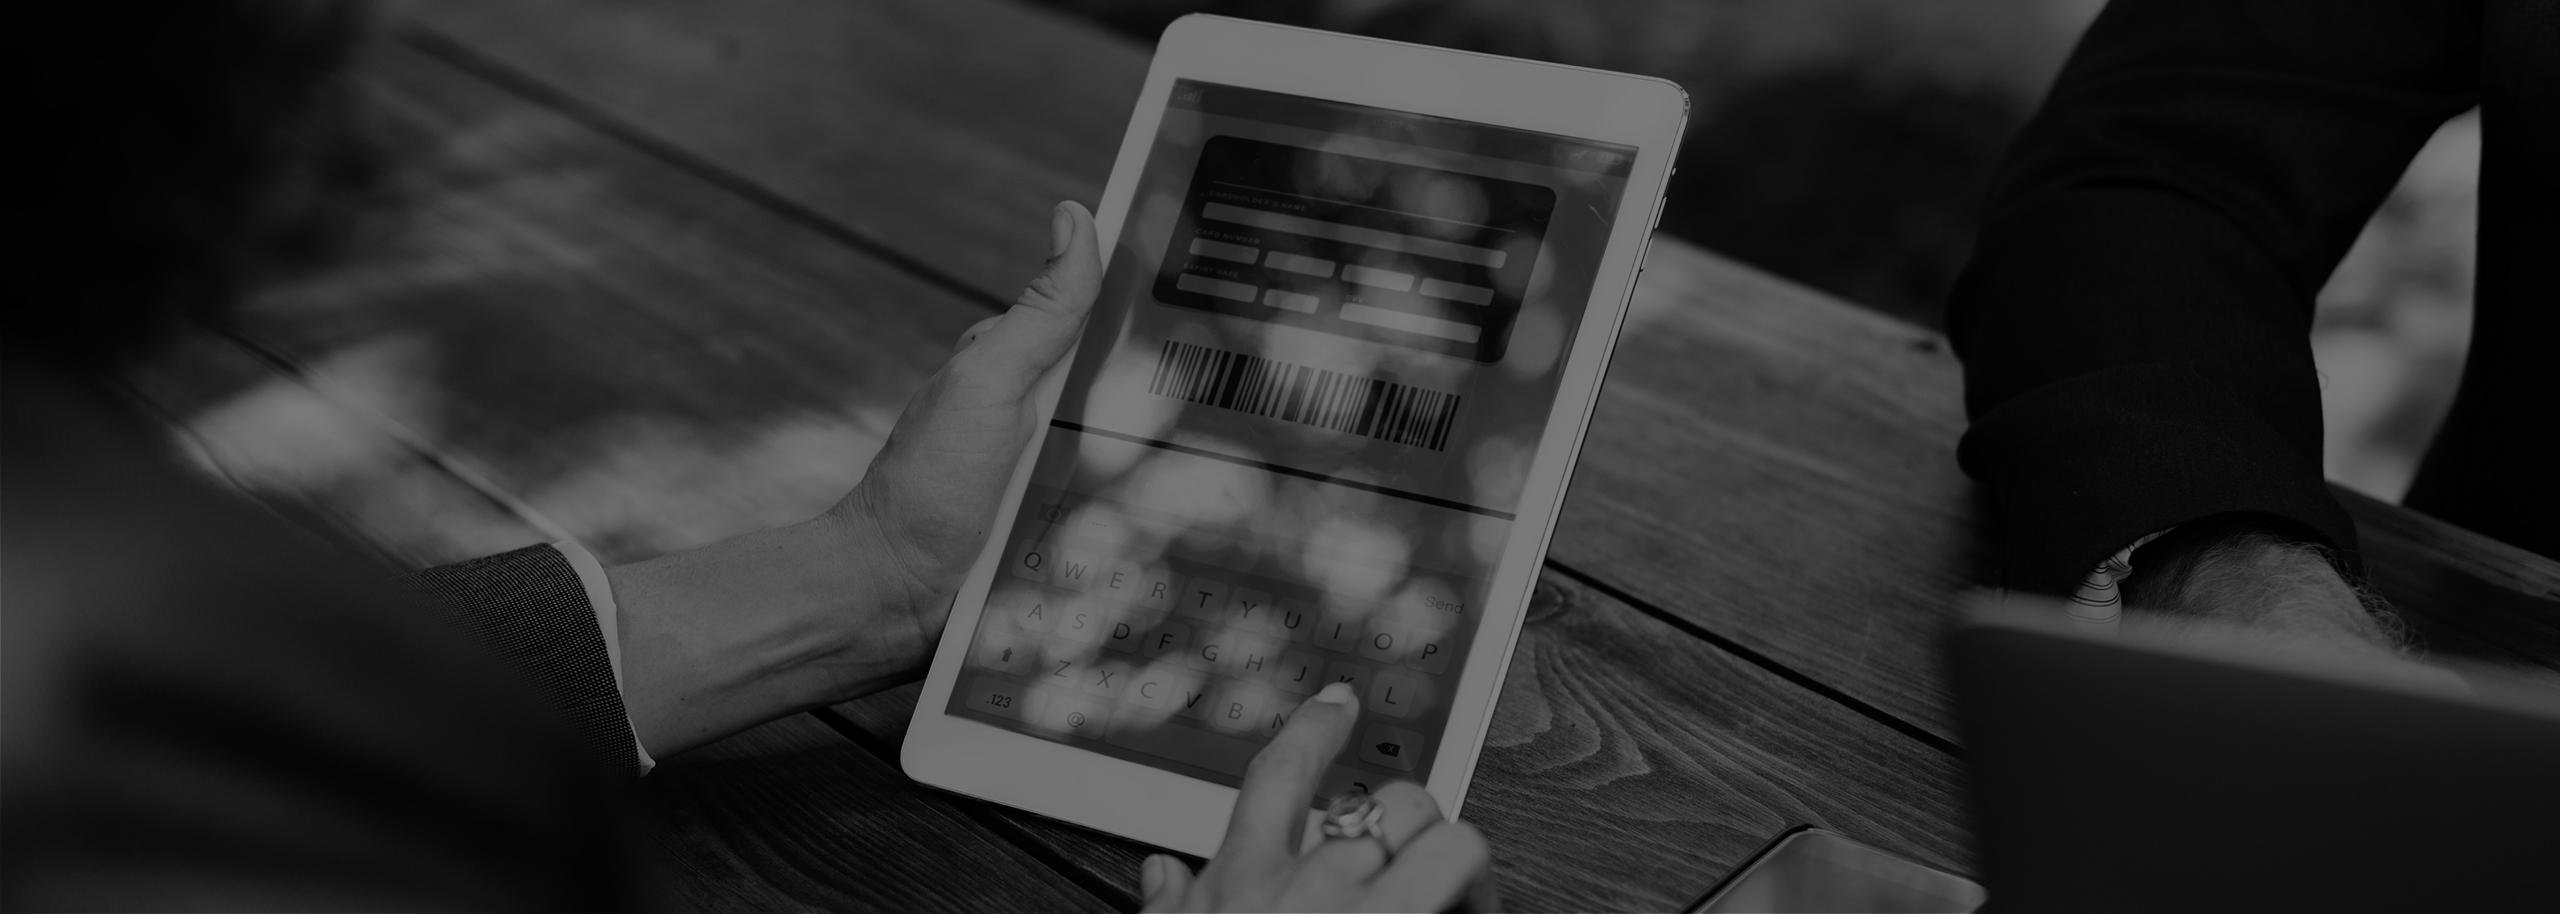 Tehnoloģijas un intelektuālais īpašums